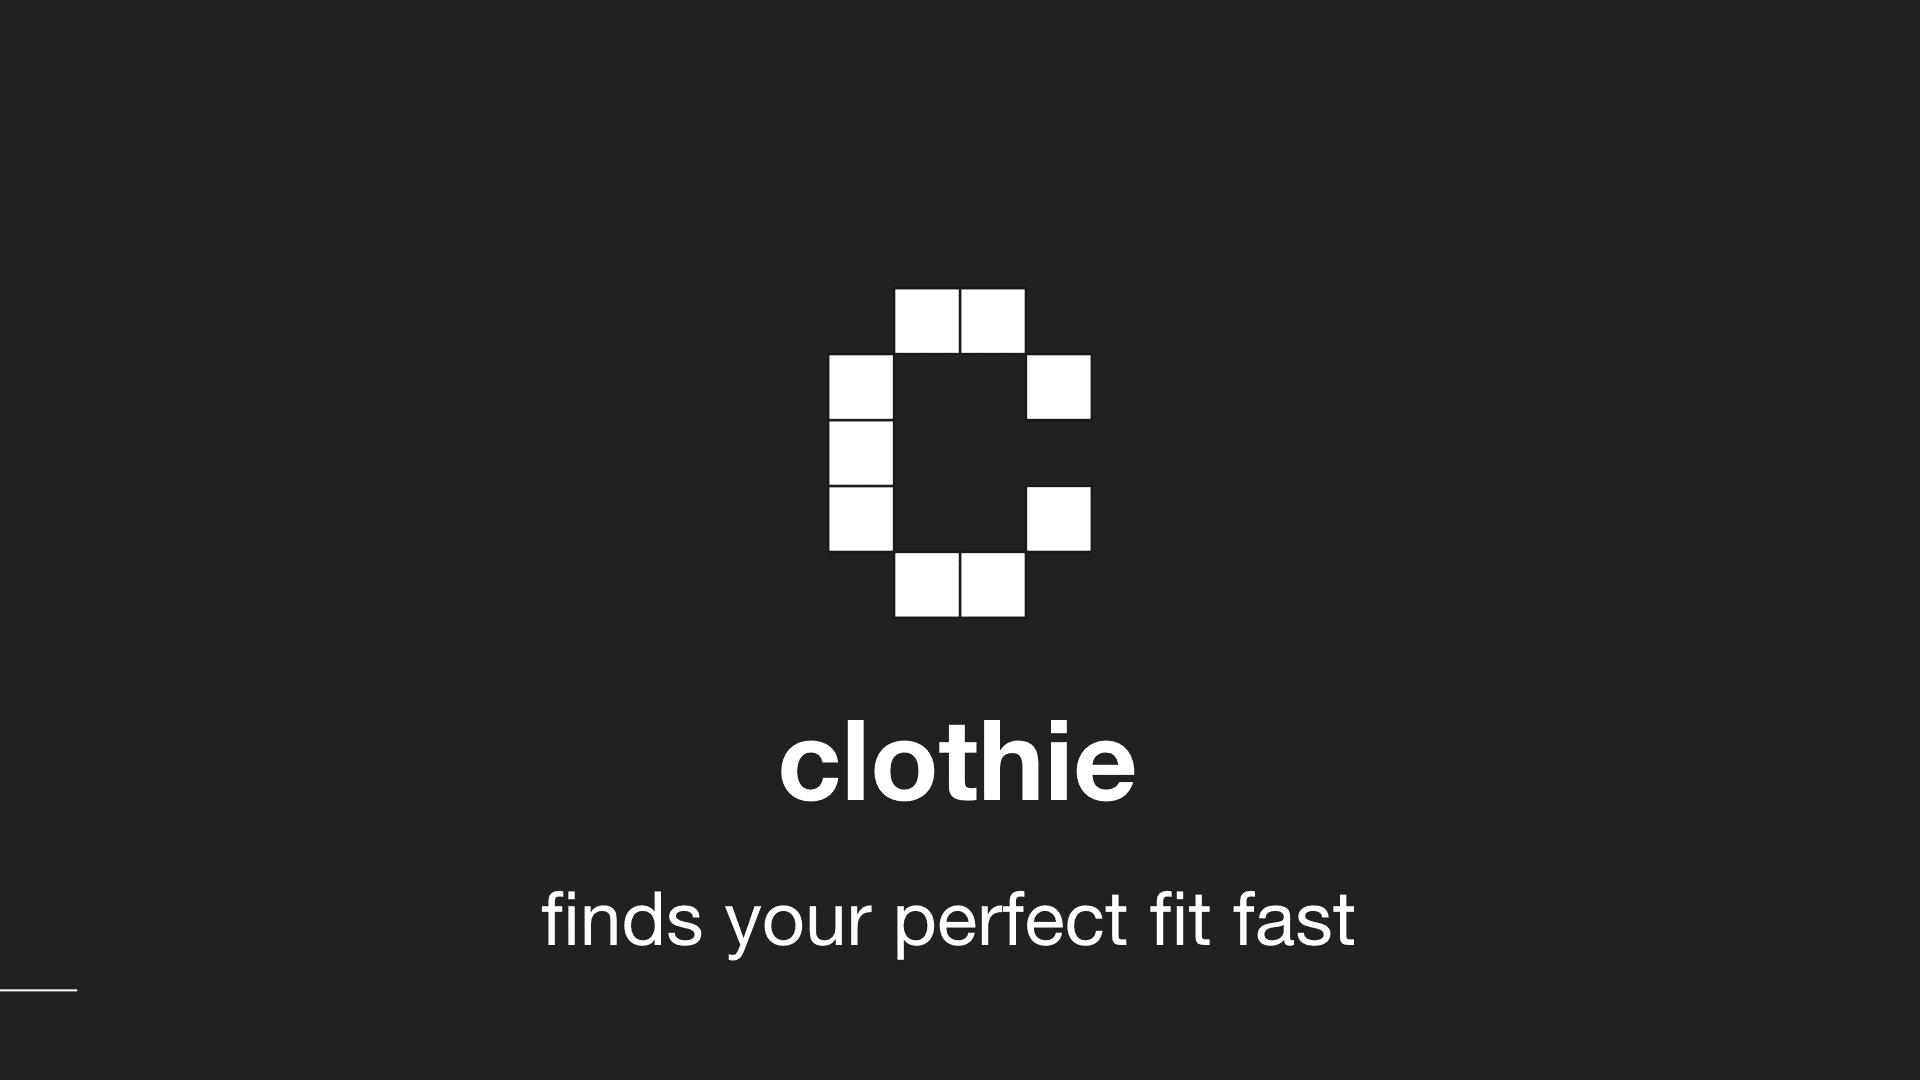 Clothie Deck - HUDDLE.001.png